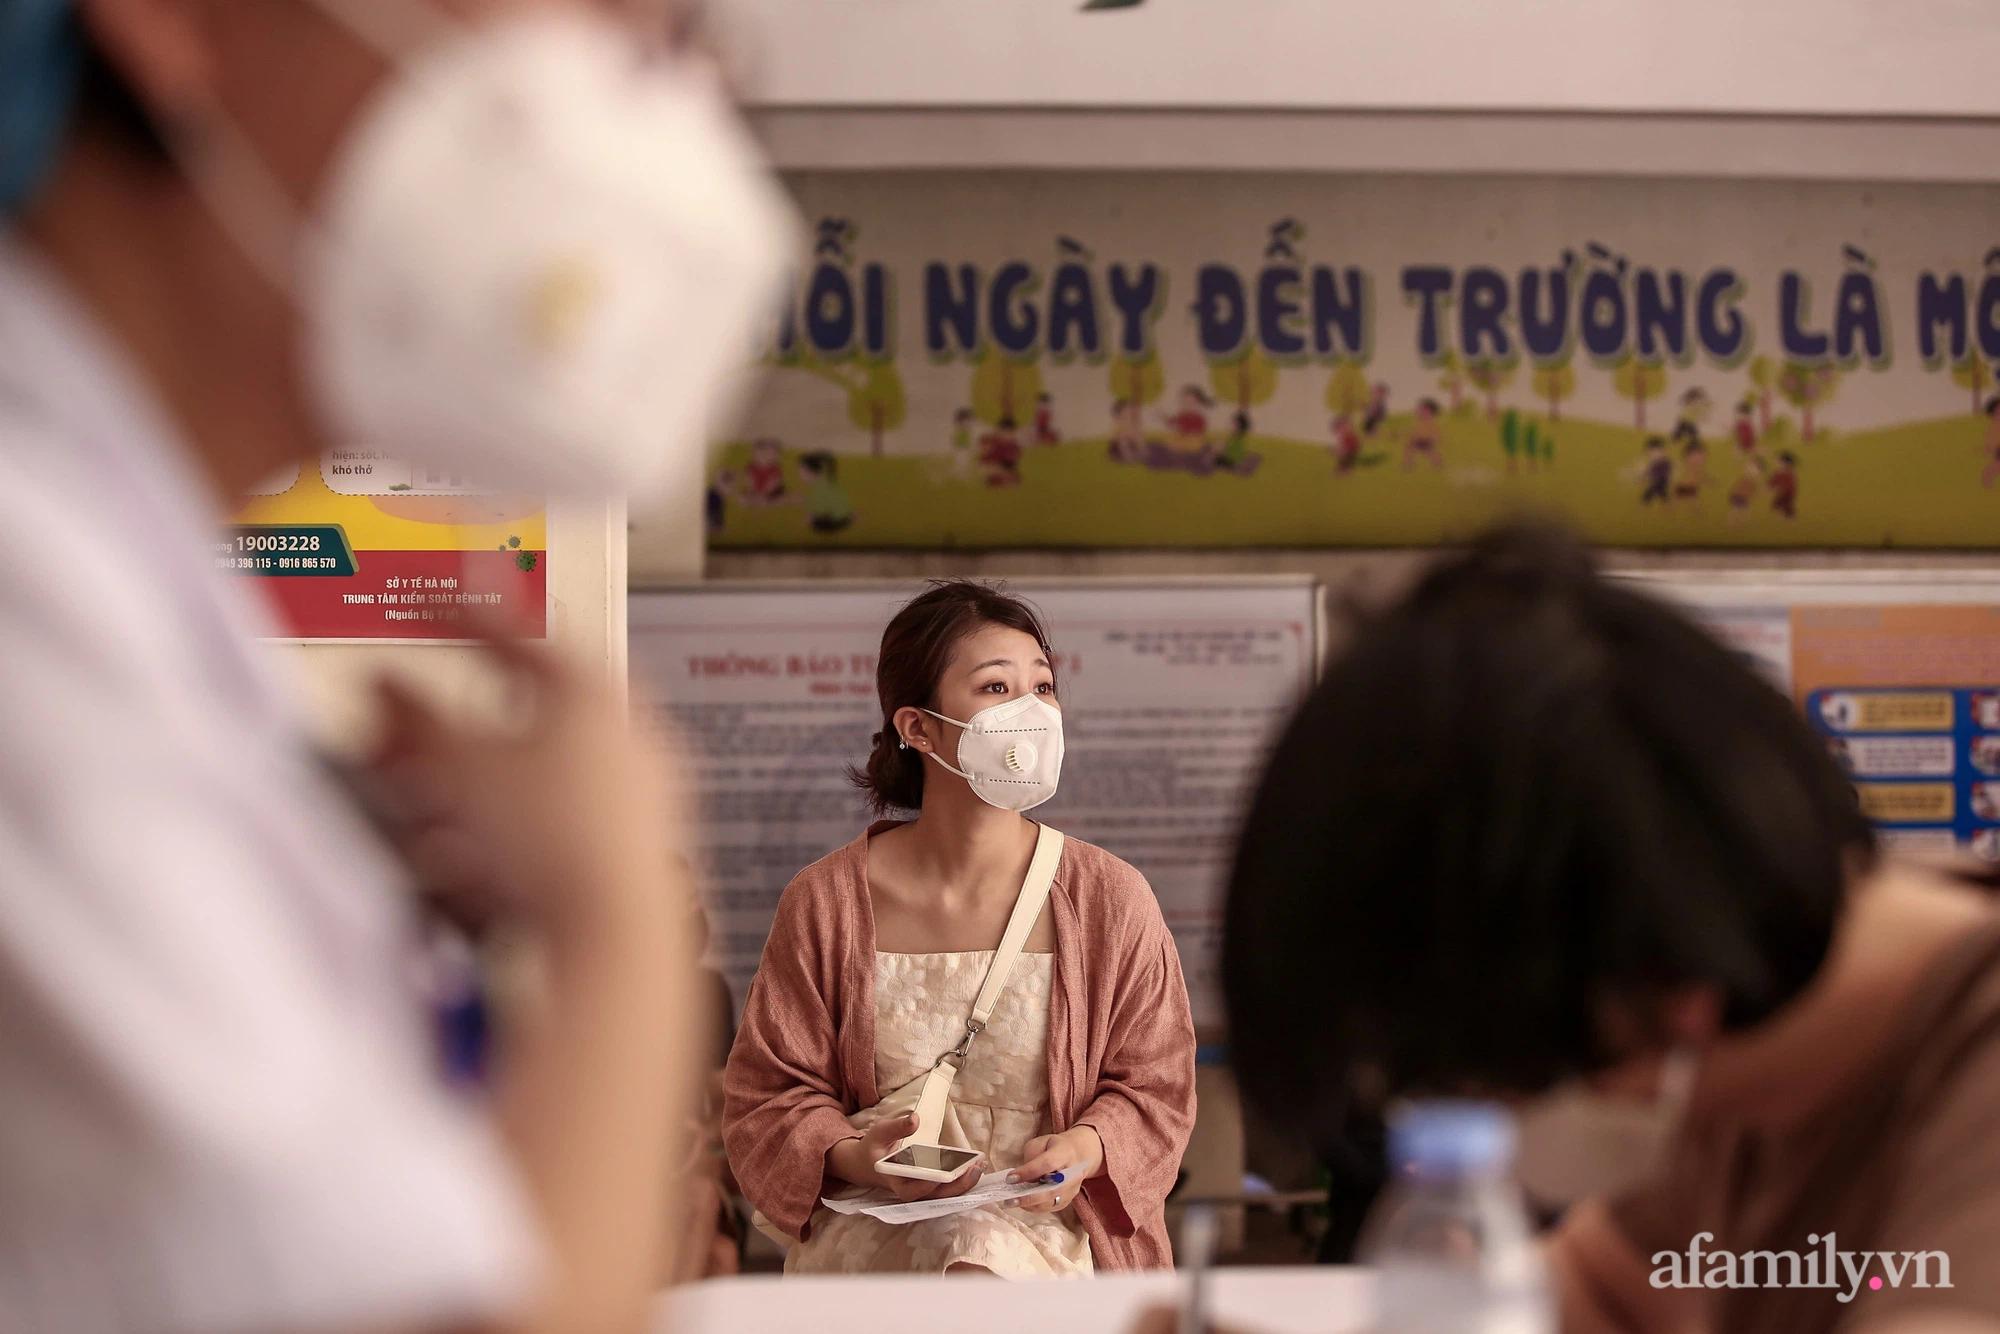 Ngày đầu tiên người dân Hà Nội bắt đầu được tiêm vaccine phòng dịch COVID-19 quy mô lớn nhất lịch sử - Ảnh 3.